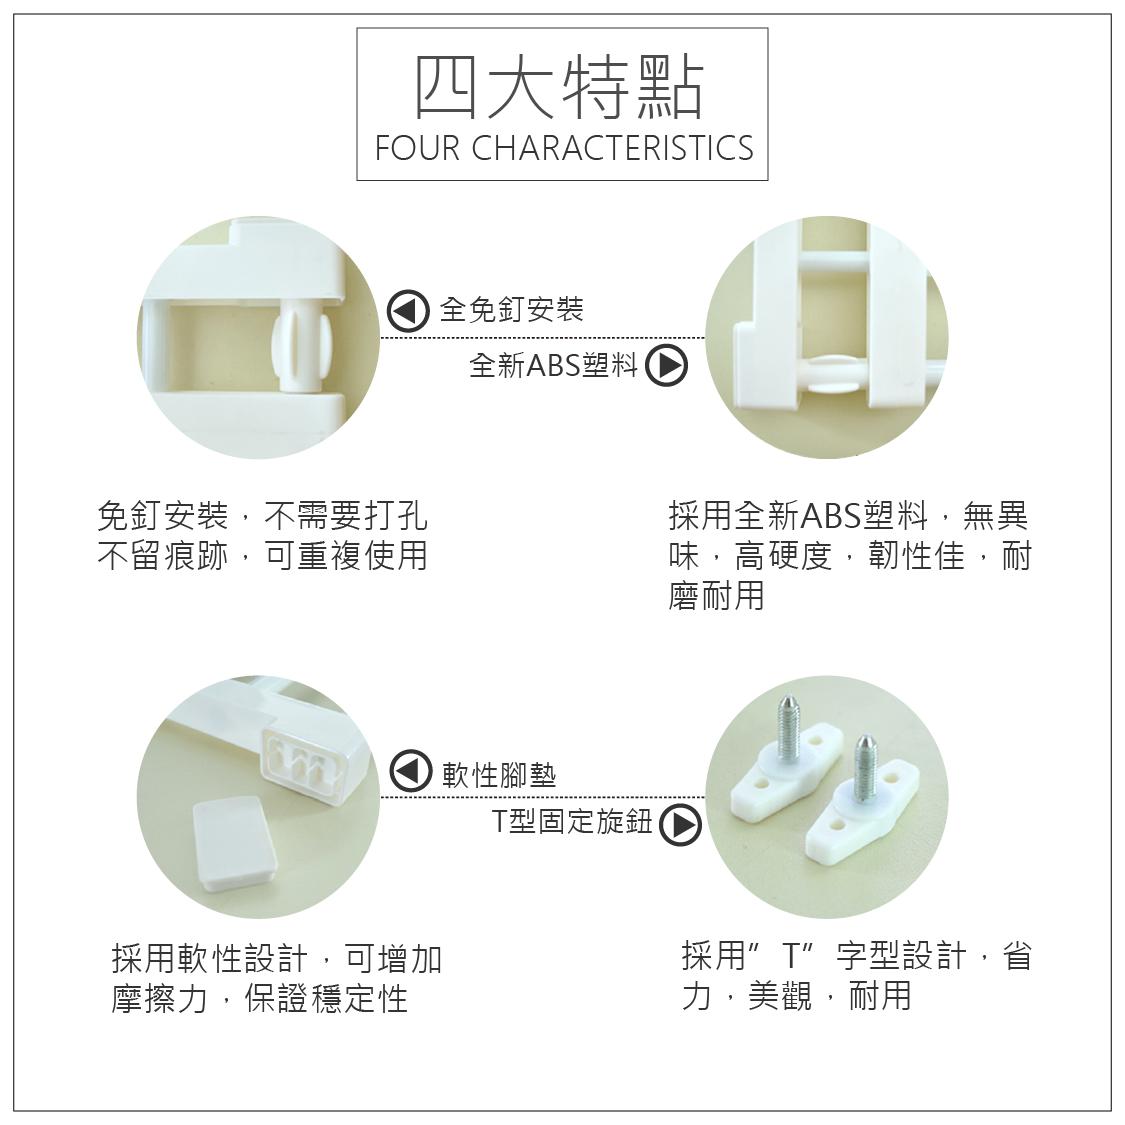 【 EASYCAN  】EC002 多功能伸縮隔板 易利裝生活五金 不鏽鋼 衣櫃 房間 臥房 衣櫃 小資族 辦公家具 系統家具 2